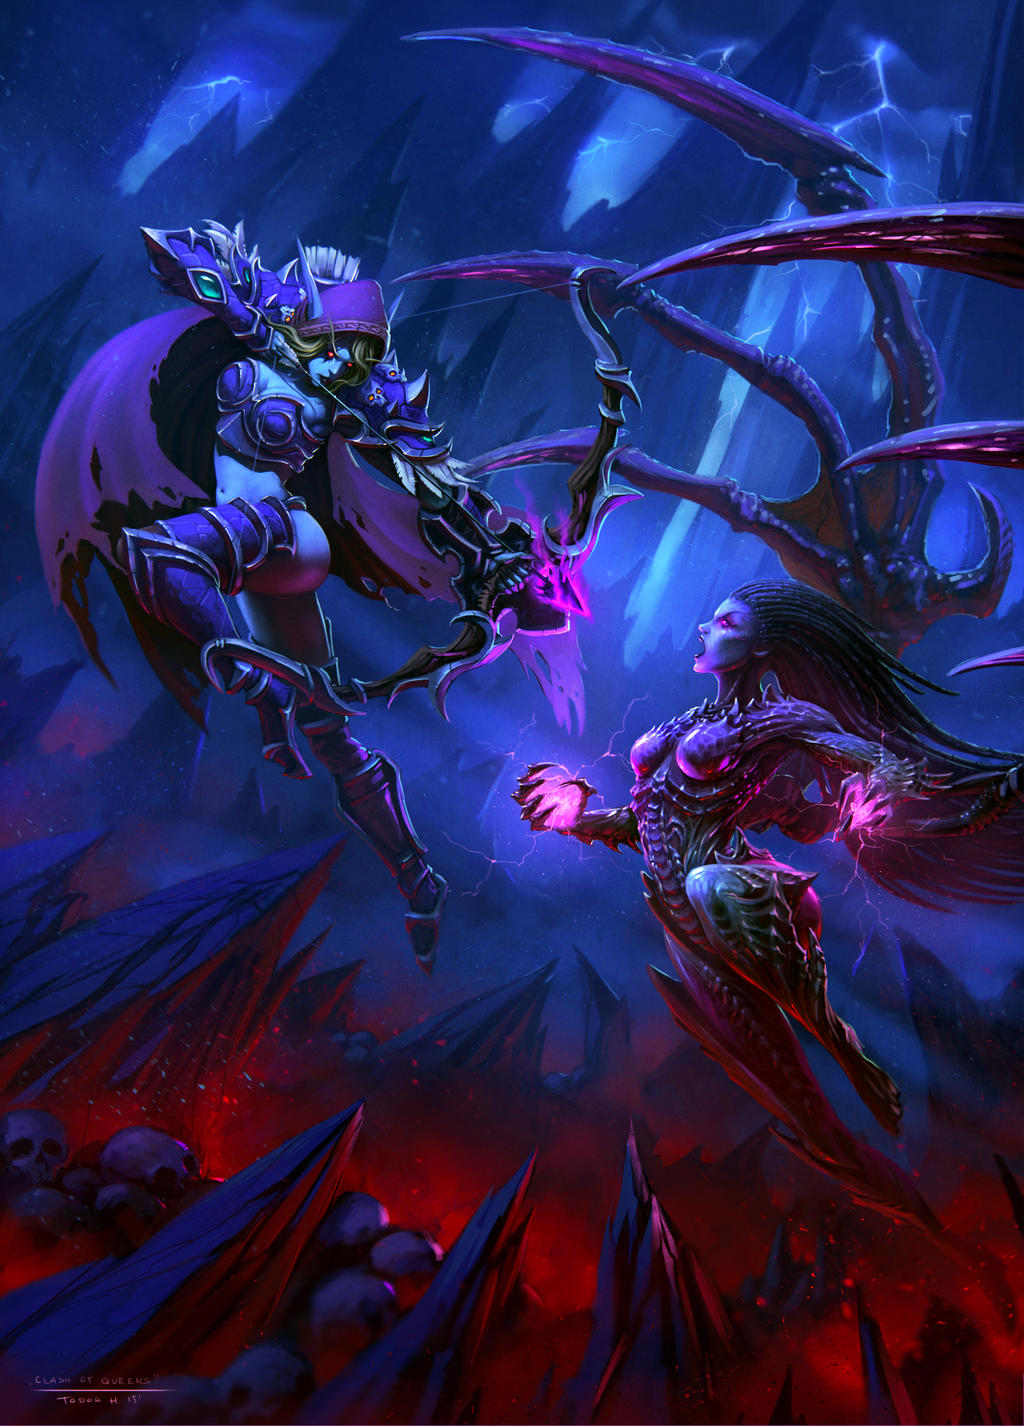 Българското участие във Fan Art състезанието на Blizzard и DeviantArt: Тодор Христов